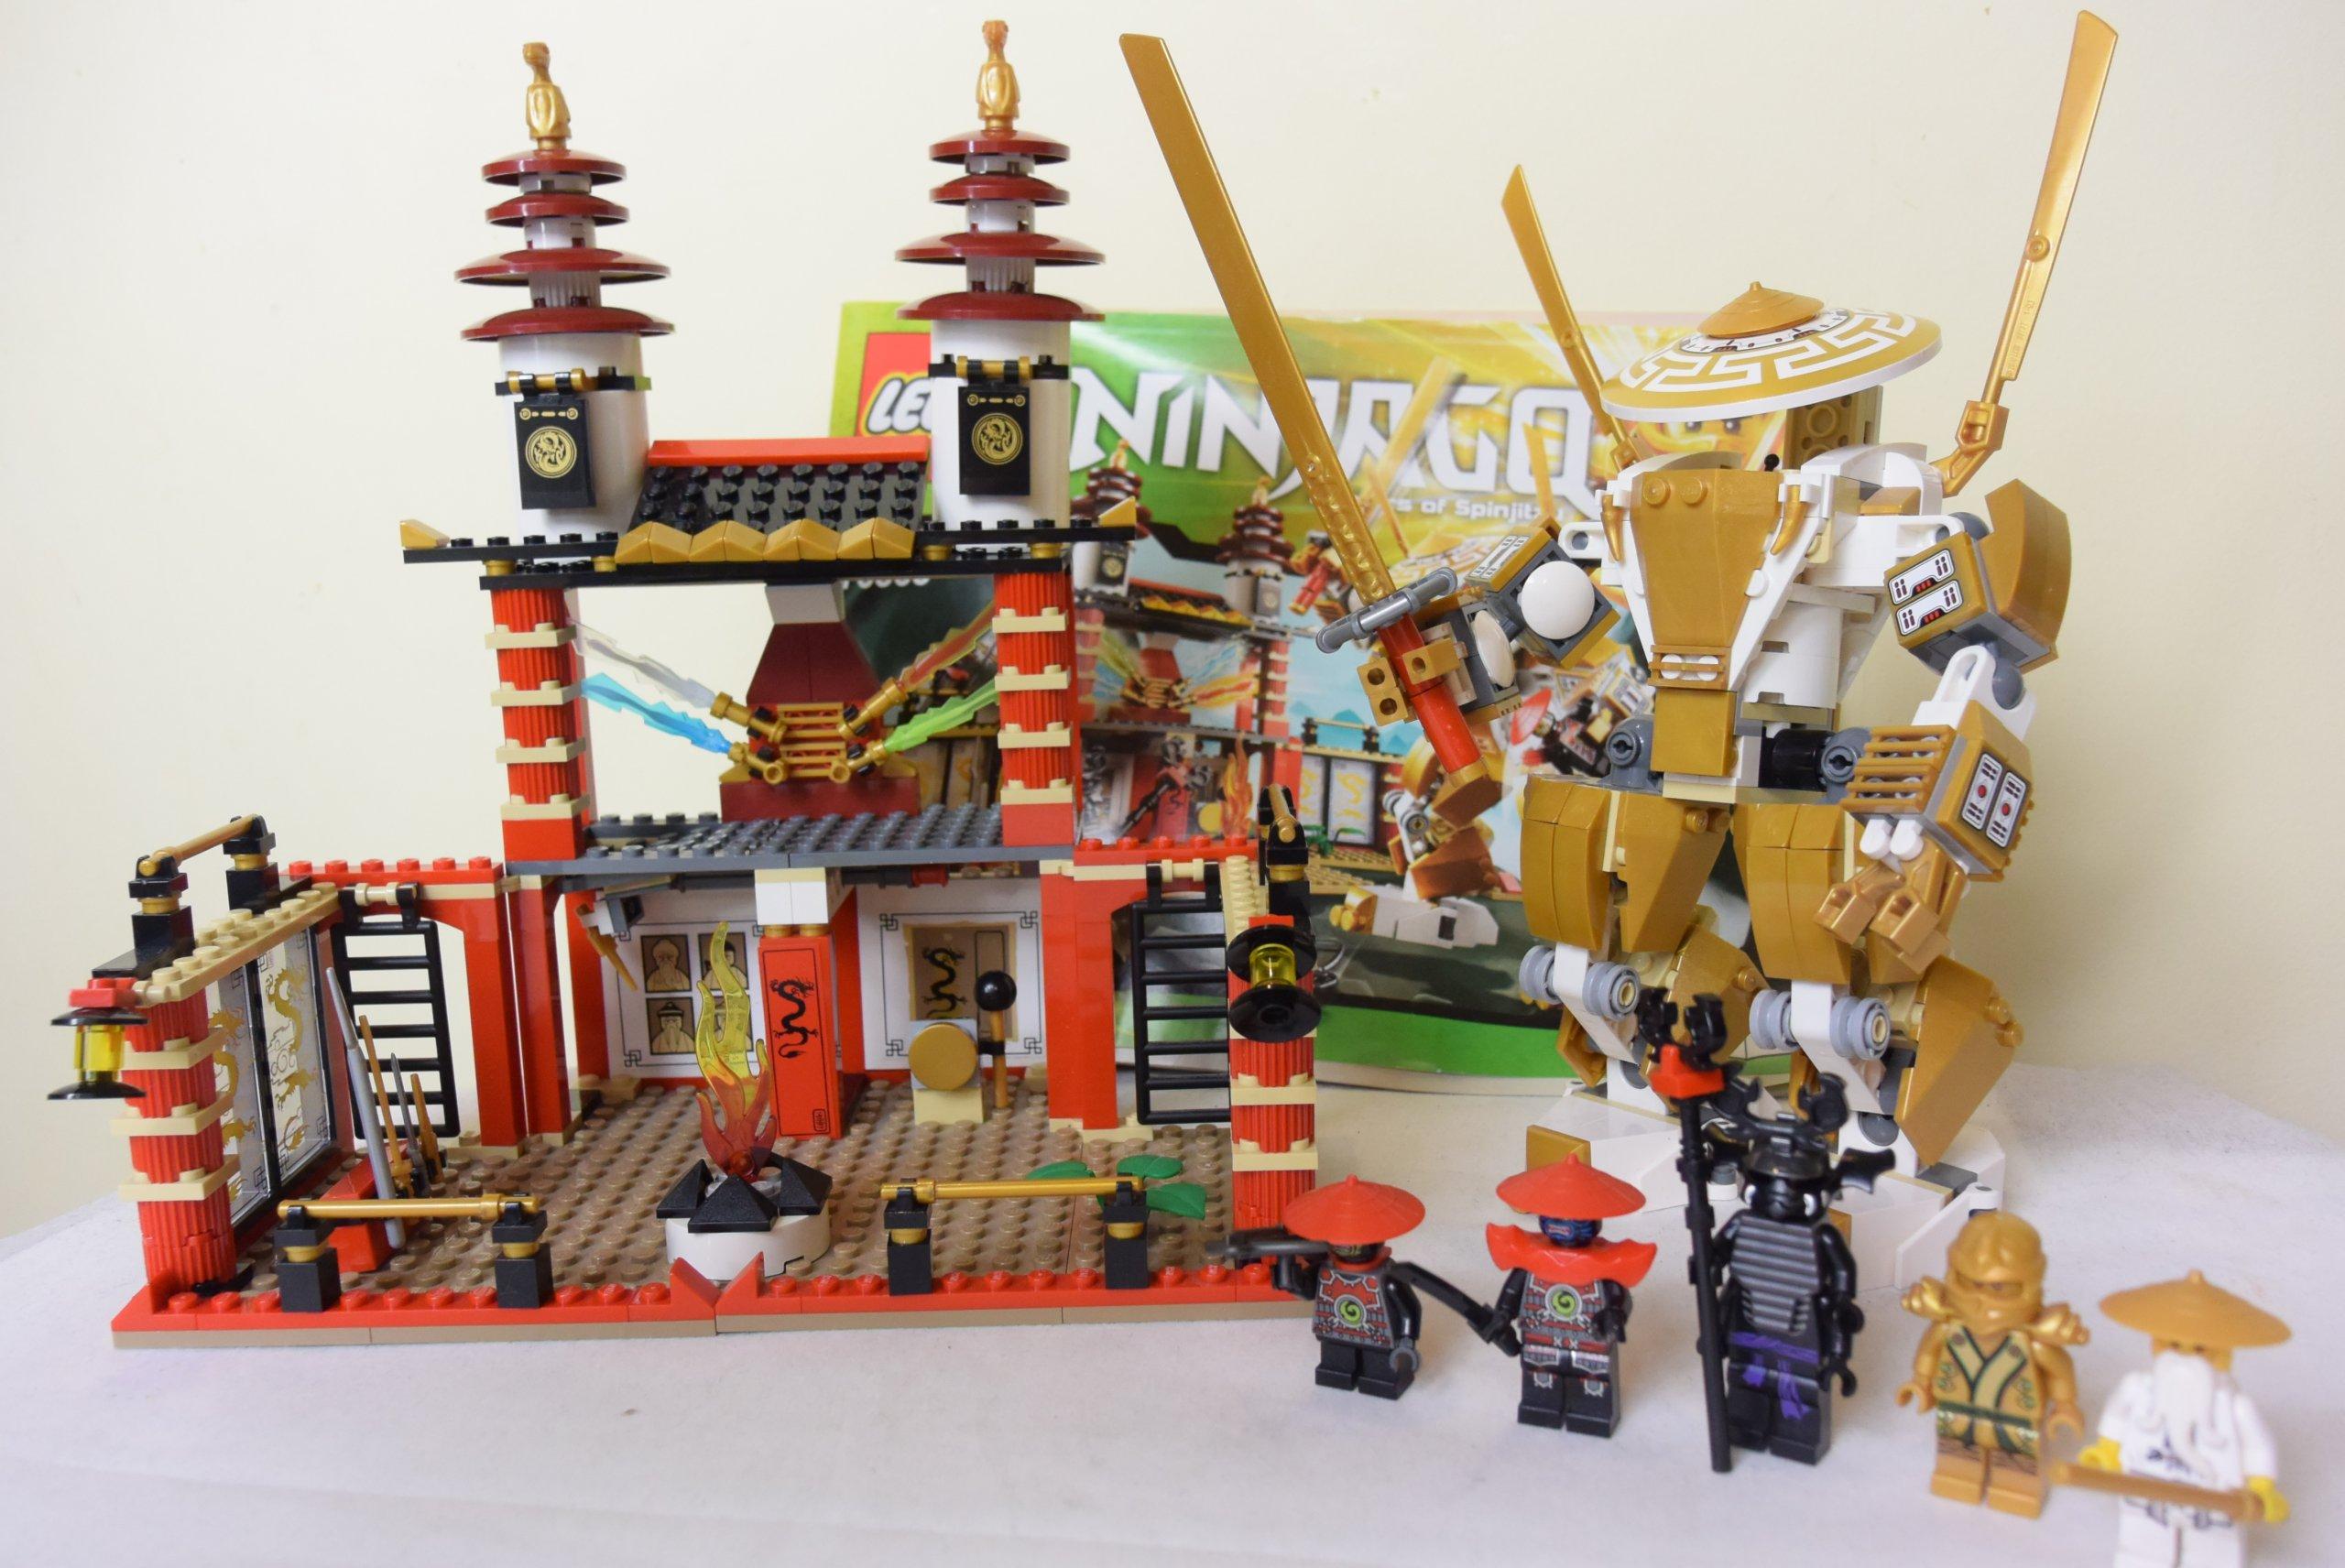 Klocki Lego Ninjago 70505 świątynia światła Zestaw 7197645181